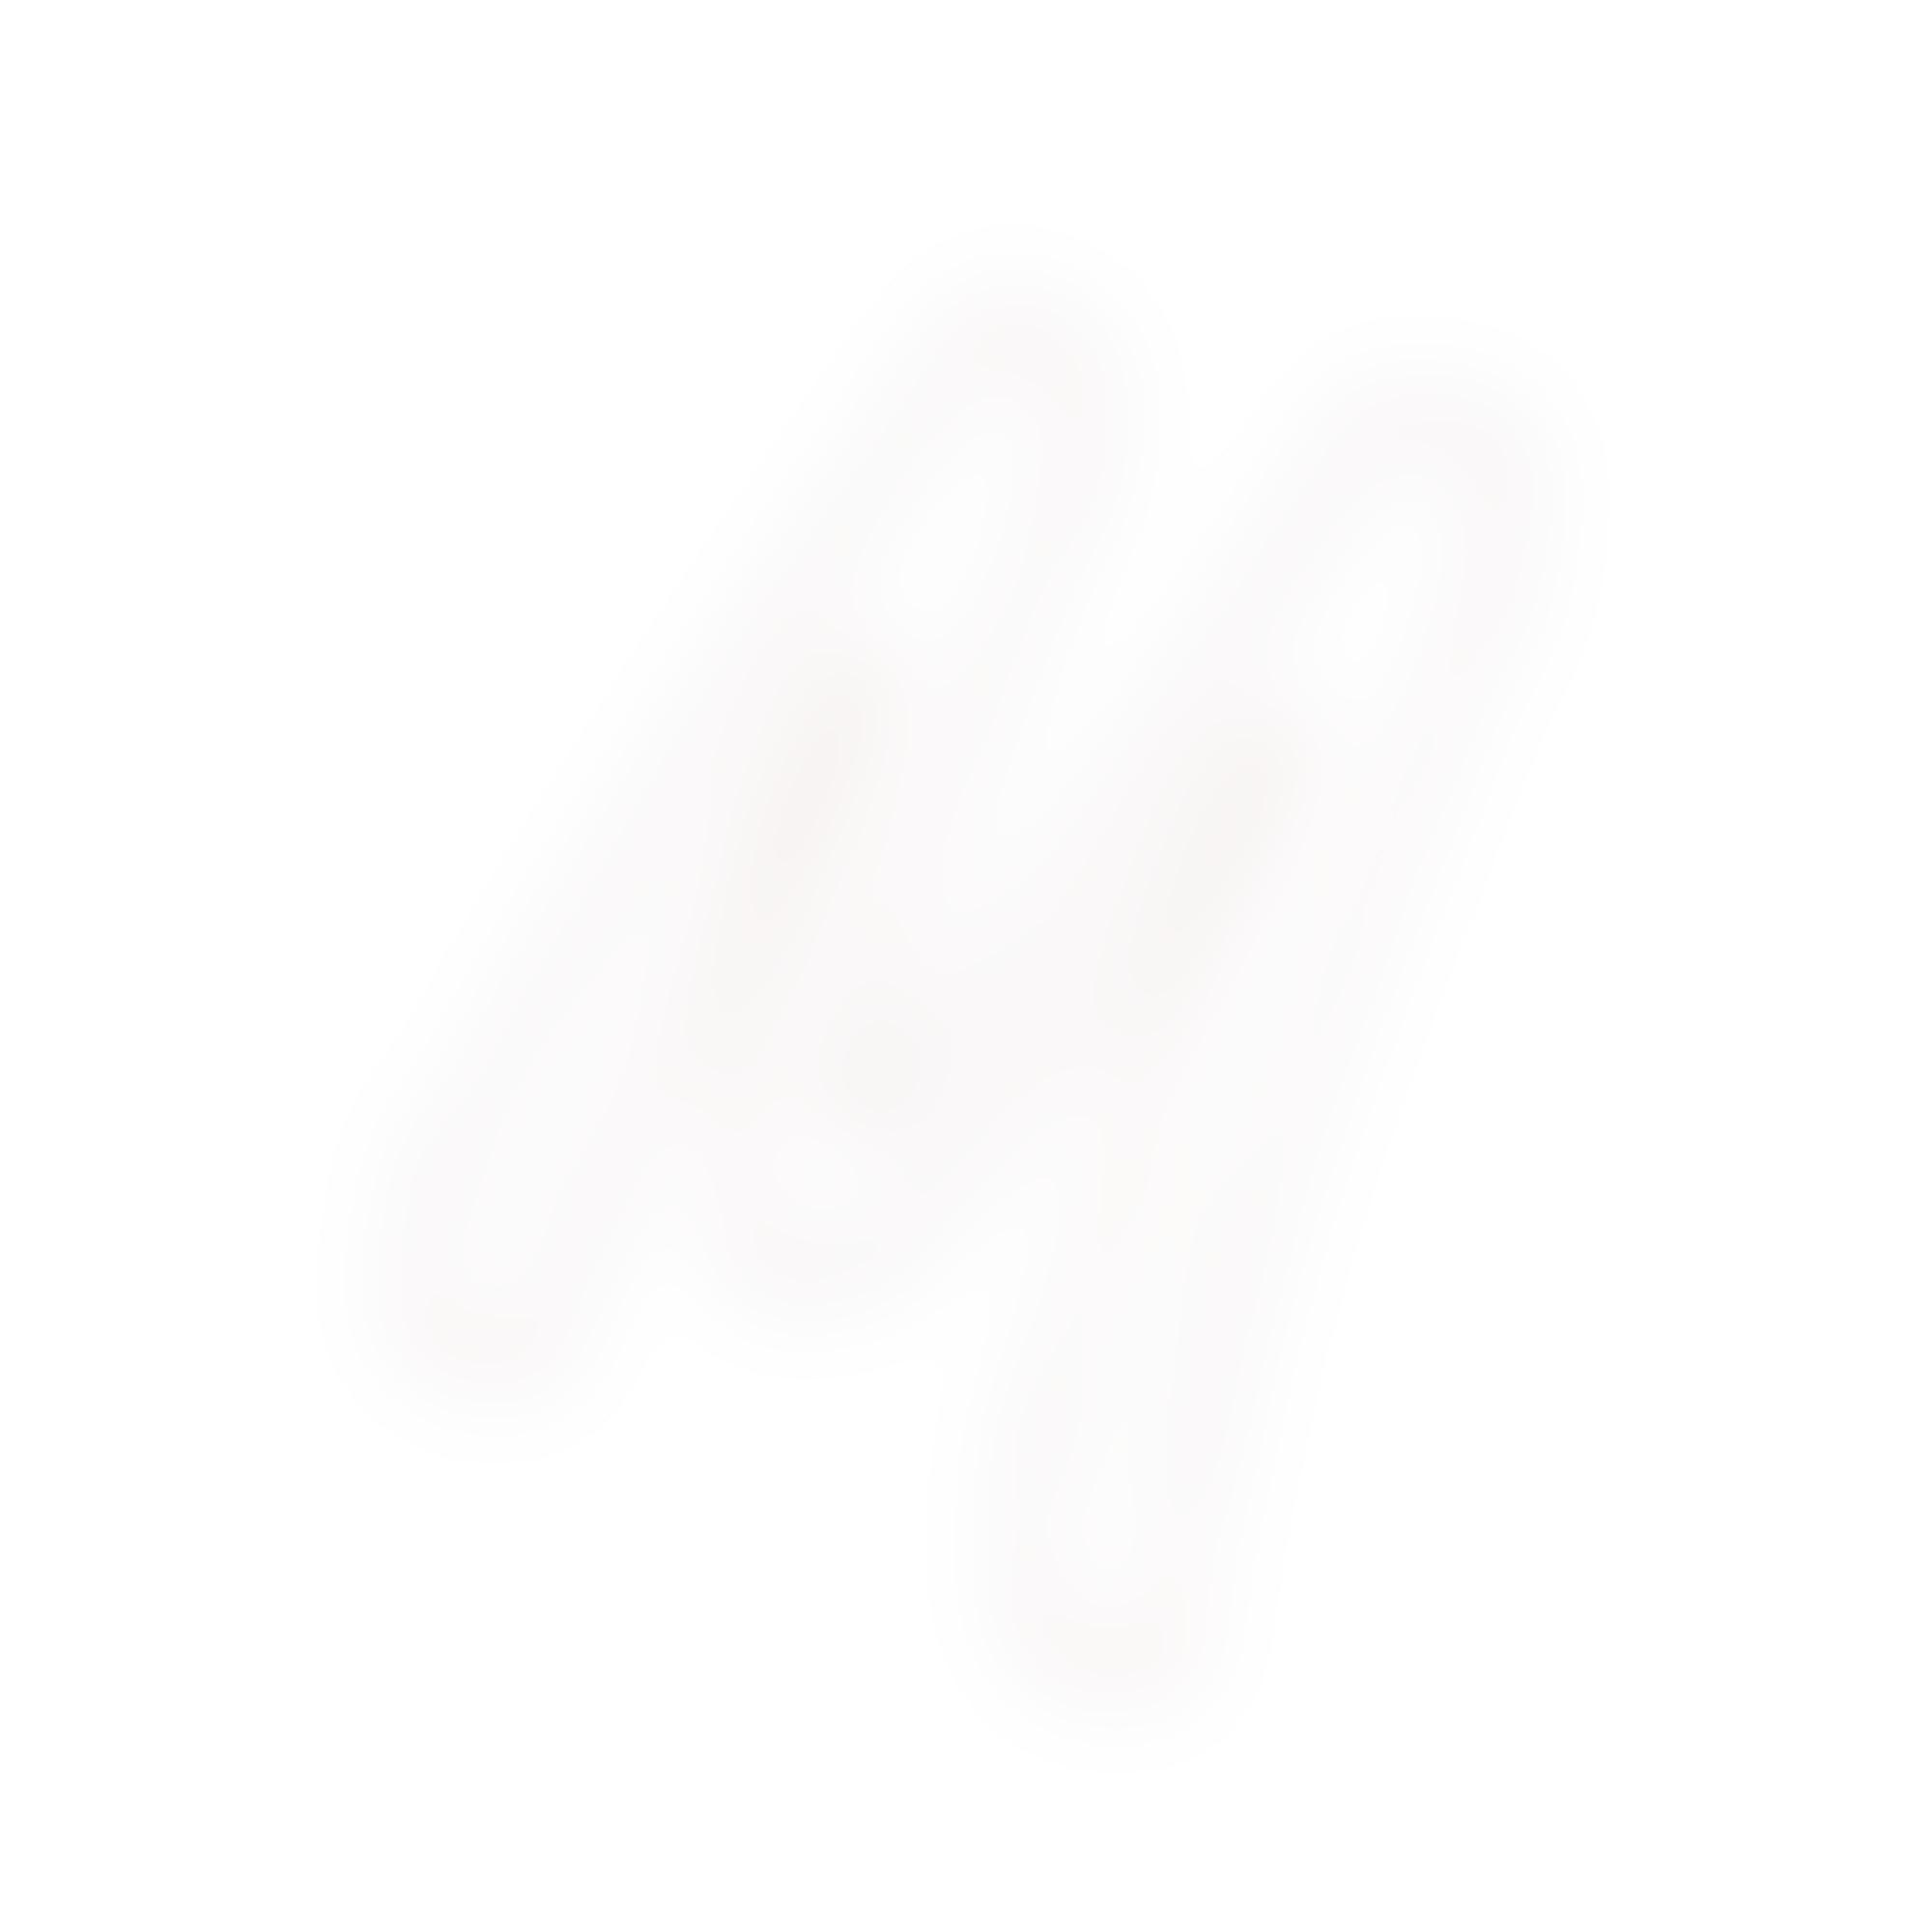 18300210 1458648554434781 2767060318562549760 n autocompressfitresizeixlibphp 1 1 0max h2000max w3 D2000q80s537bb1dad5d863156afda3e4d967e222